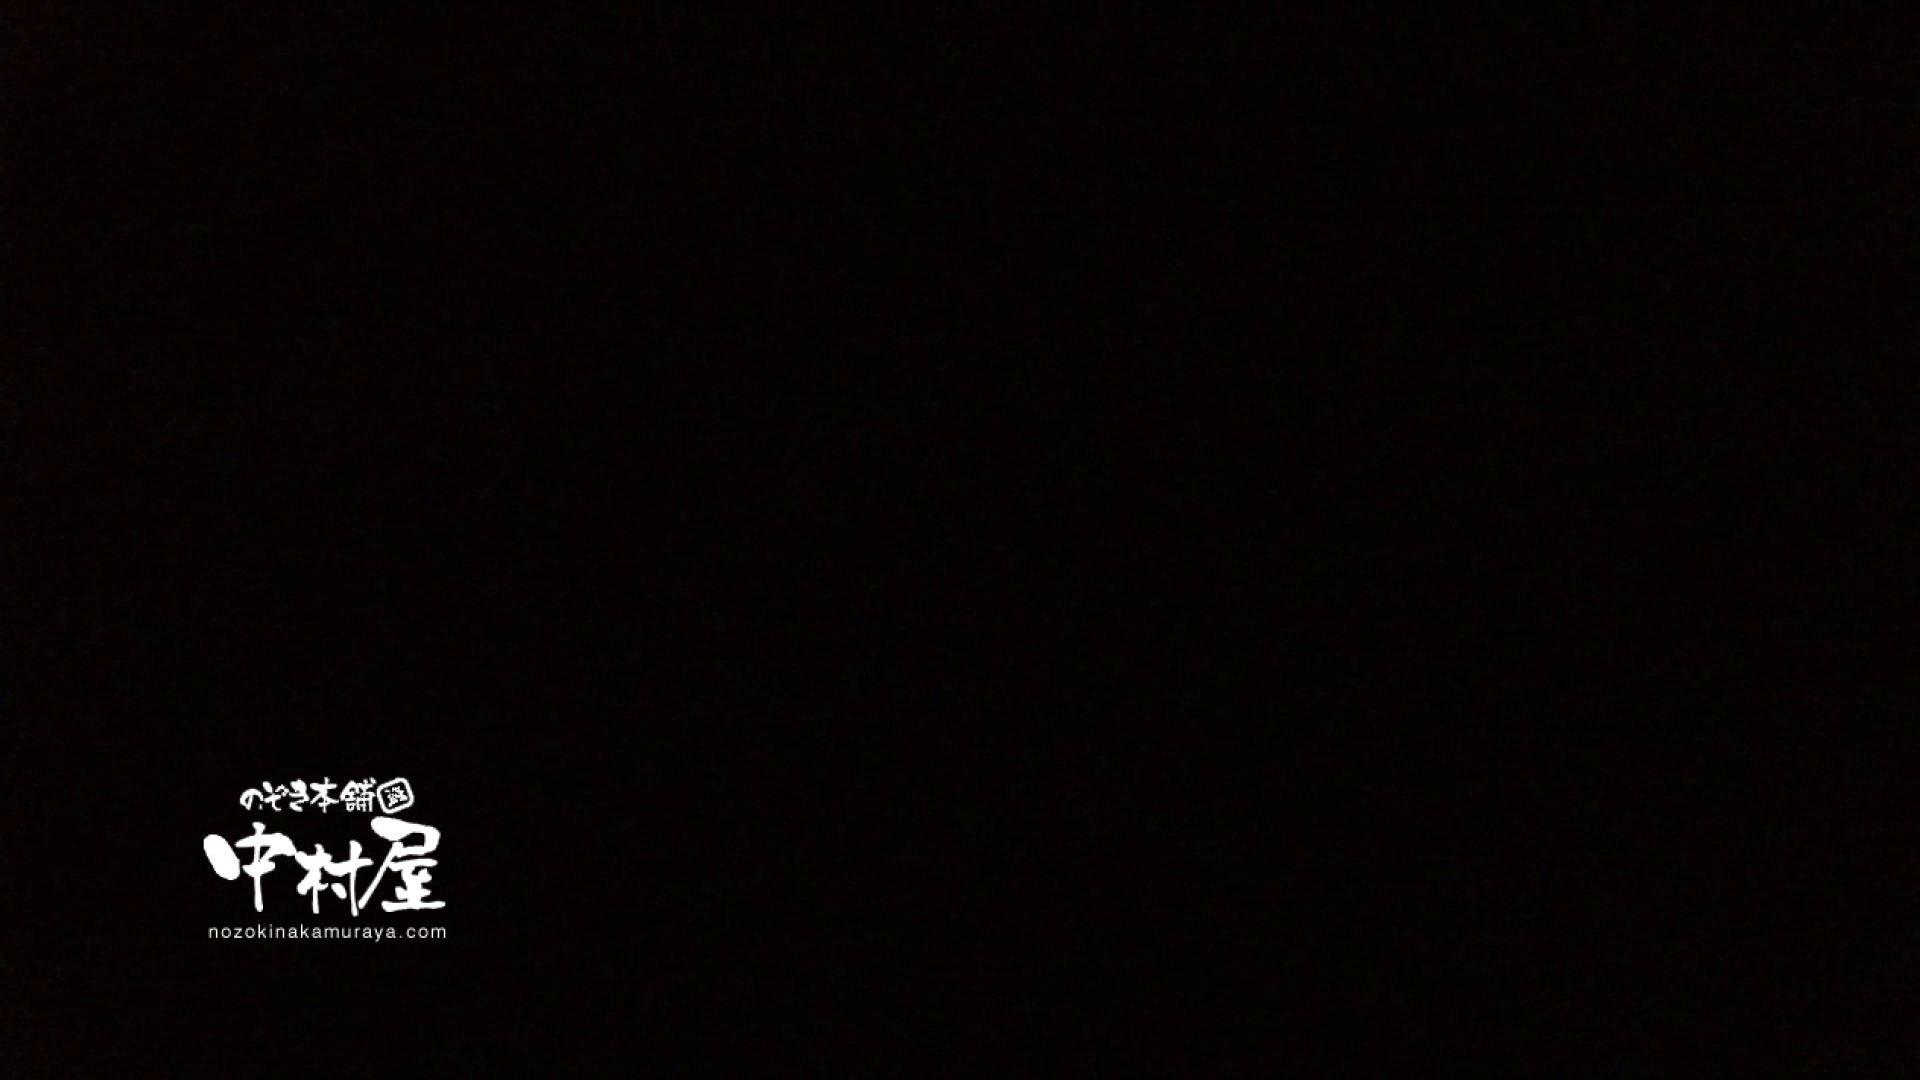 鬼畜 vol.10 あぁ無情…中出しパイパン! 前編 鬼畜   パイパン  61pic 46